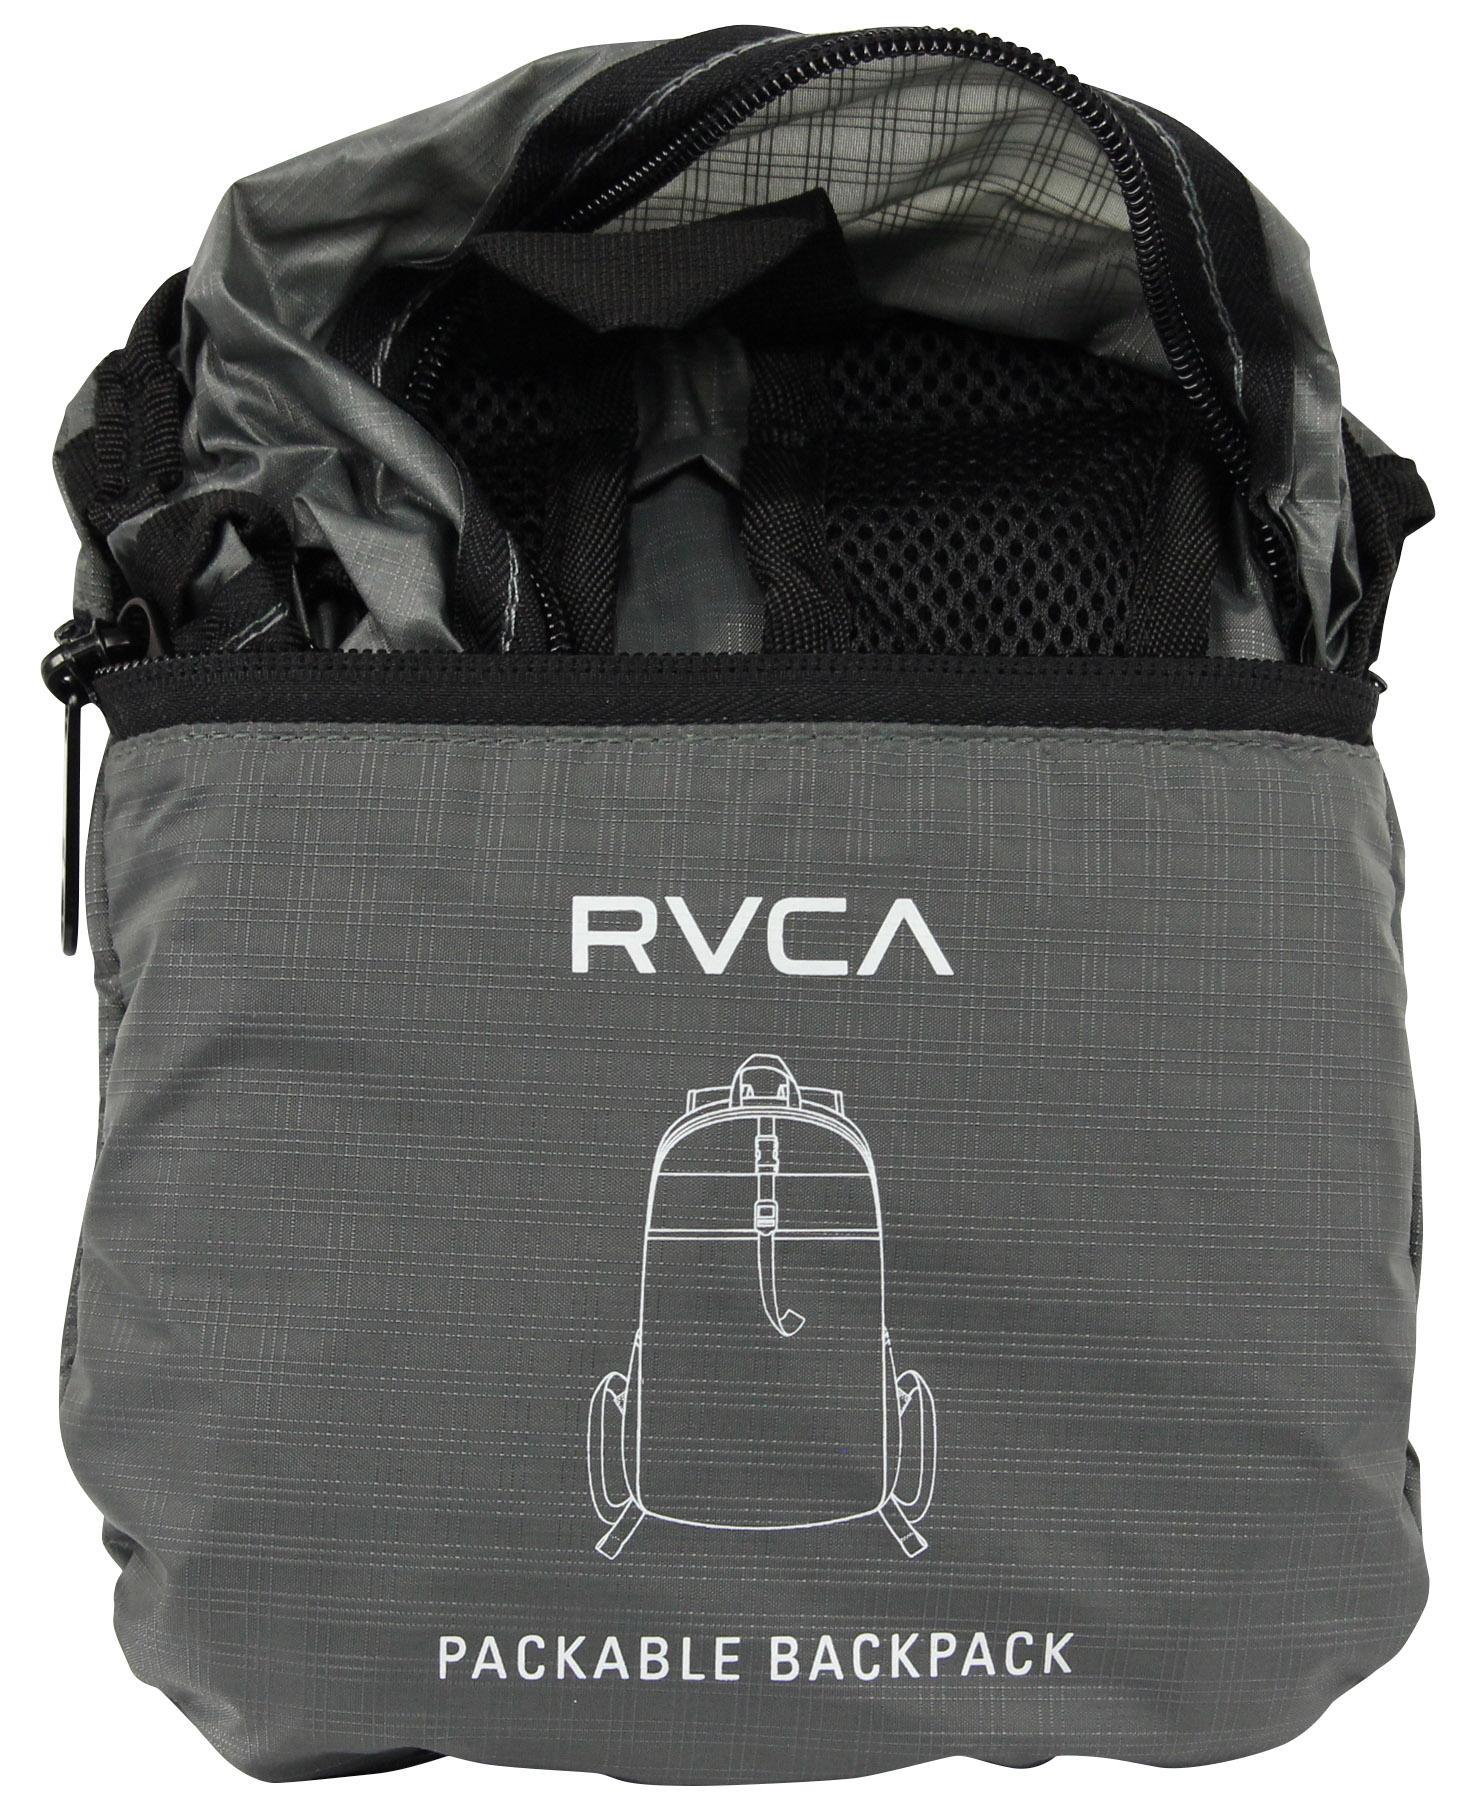 14452b2fe787 Mochila RVCA Densen compactáveis (Cinza)